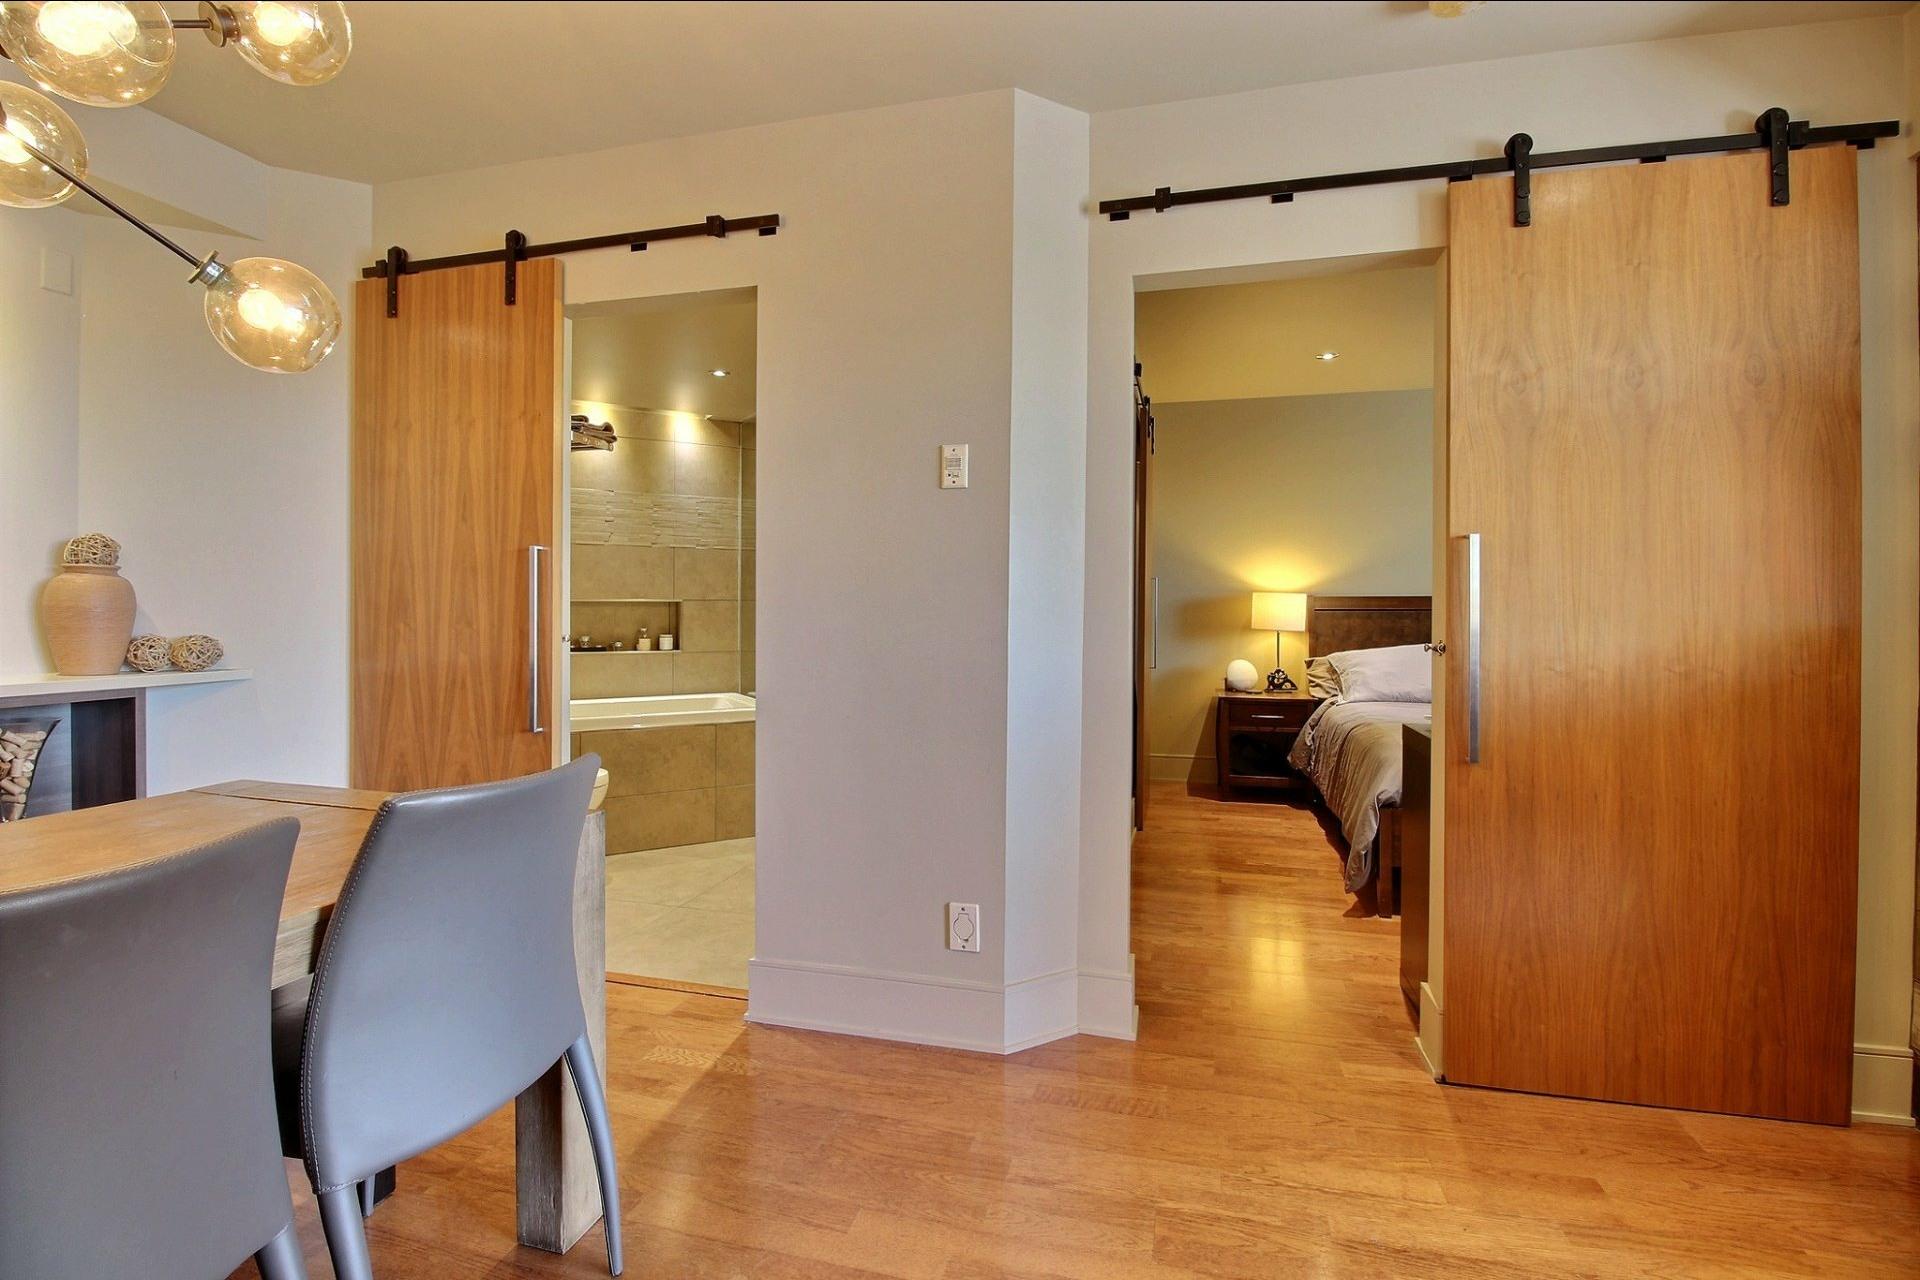 image 8 - Appartement À louer Montréal Ville-Marie  - 6 pièces